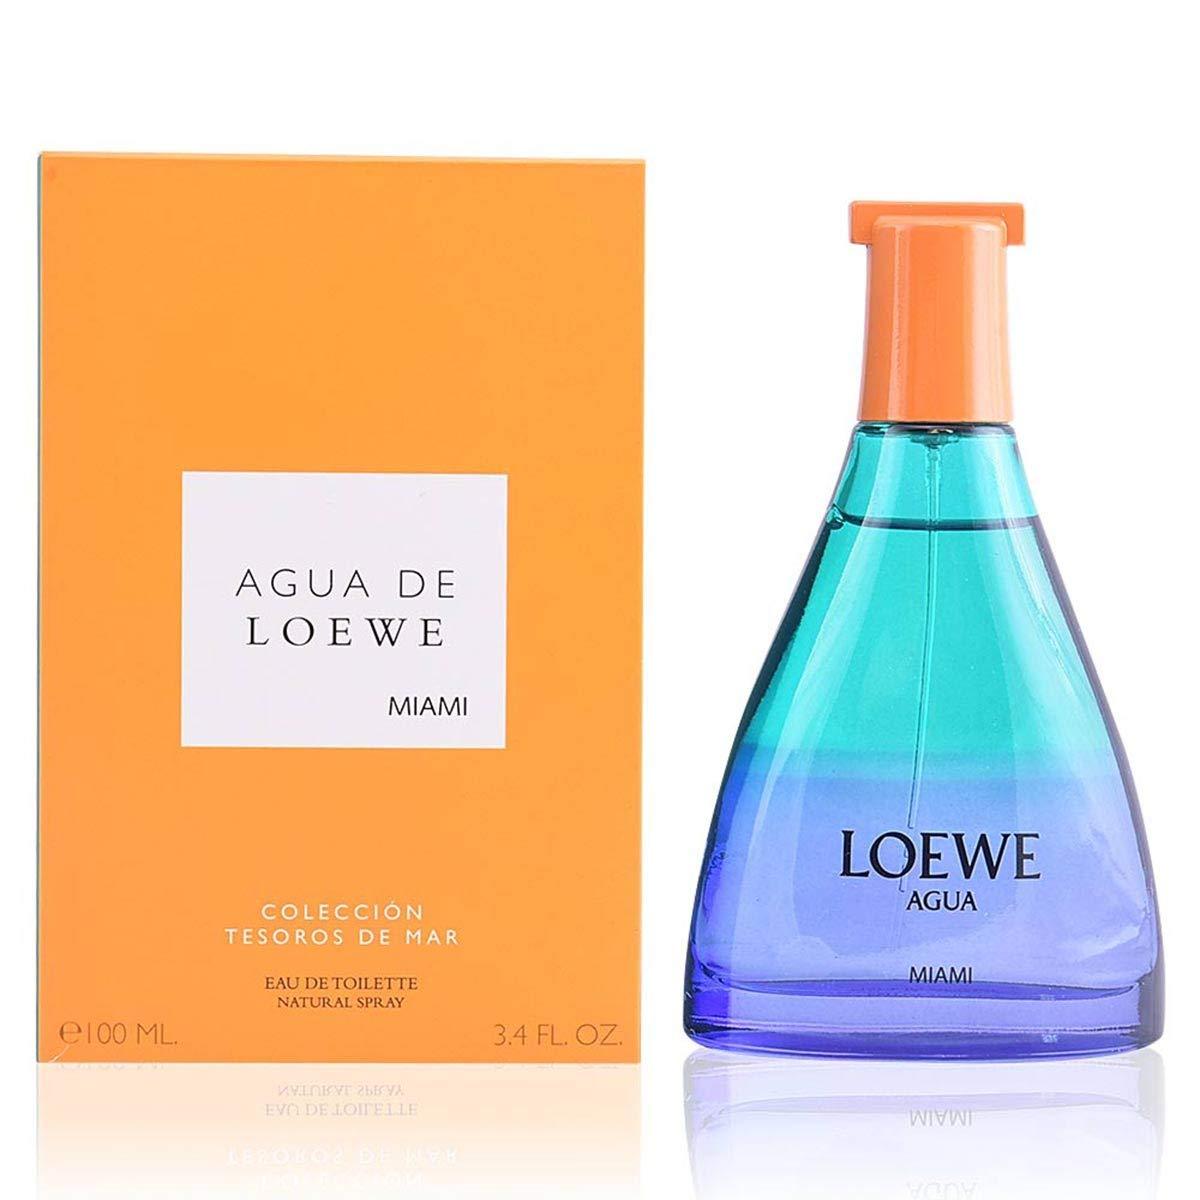 8c899a4438a4 Loewe Perfume - 100 ml  Amazon.co.uk  Beauty